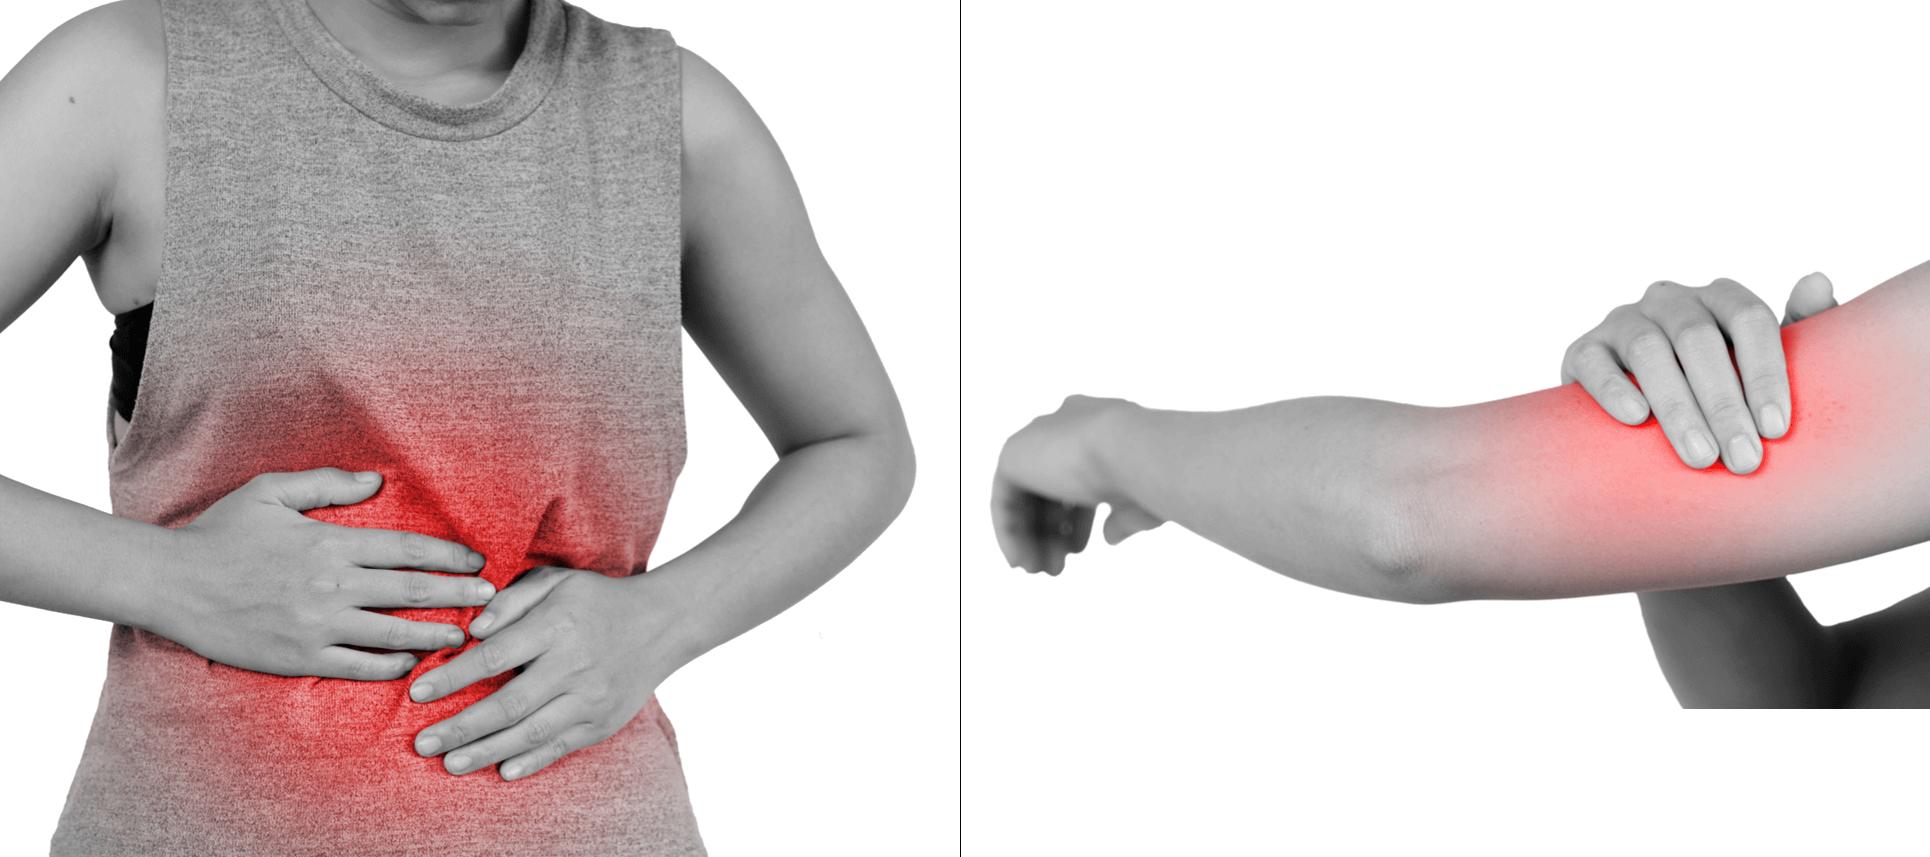 אישה עם אישה עם דלקת במעיים ודלקת בזרוע - דלקת היא לא מחלה בפני עצמה אלא סימפטום של בעיה אחרת.דלקת במעיים ודלקת בזרוע